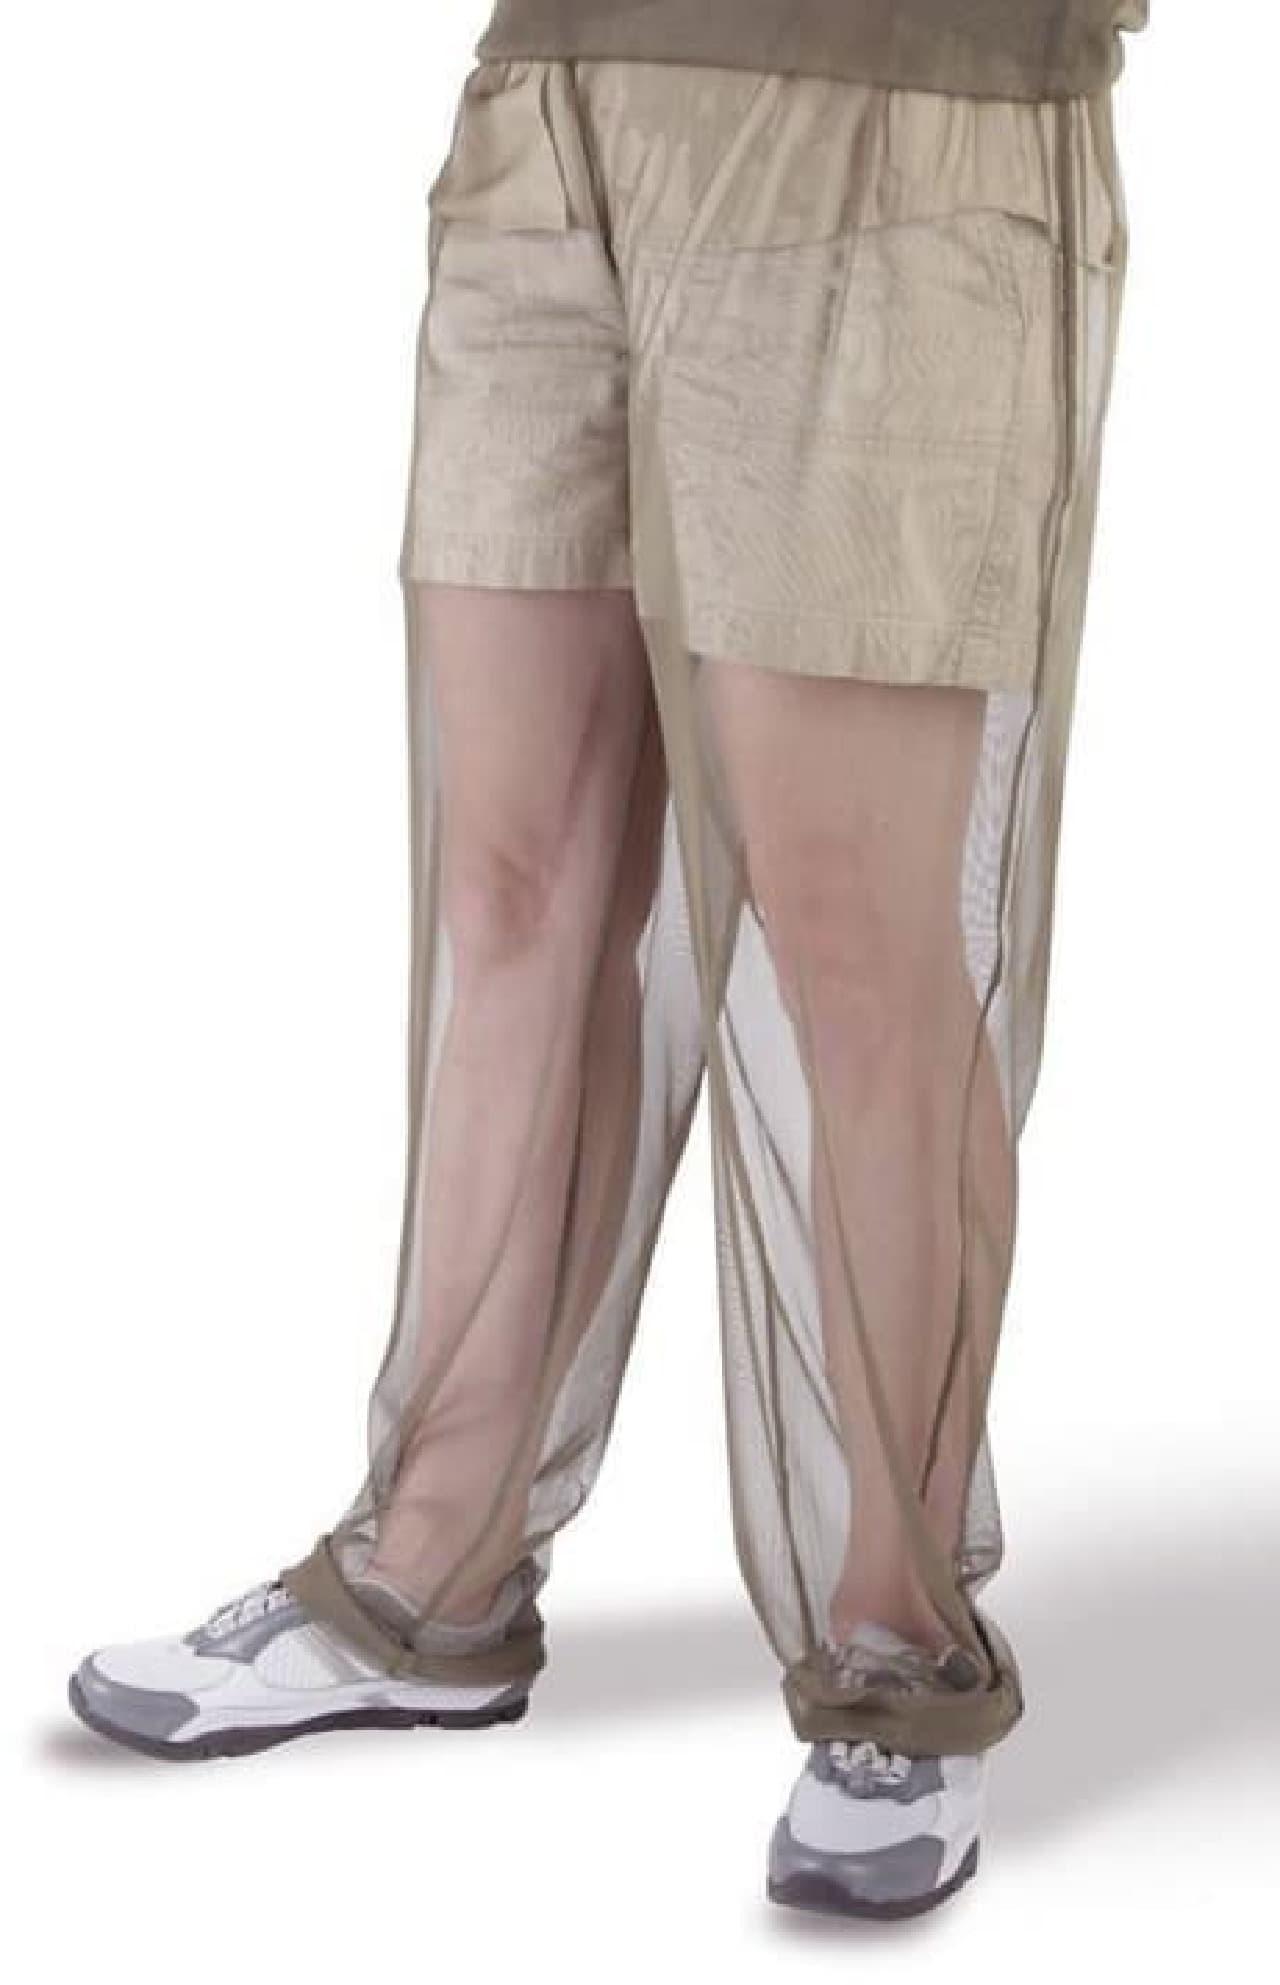 足を虫さされから守るパンツタイプの「Wearable Mosquito Net (Pants)」  蚊にさされたくなかったら、まずは、長ズボンを穿いて欲しい…